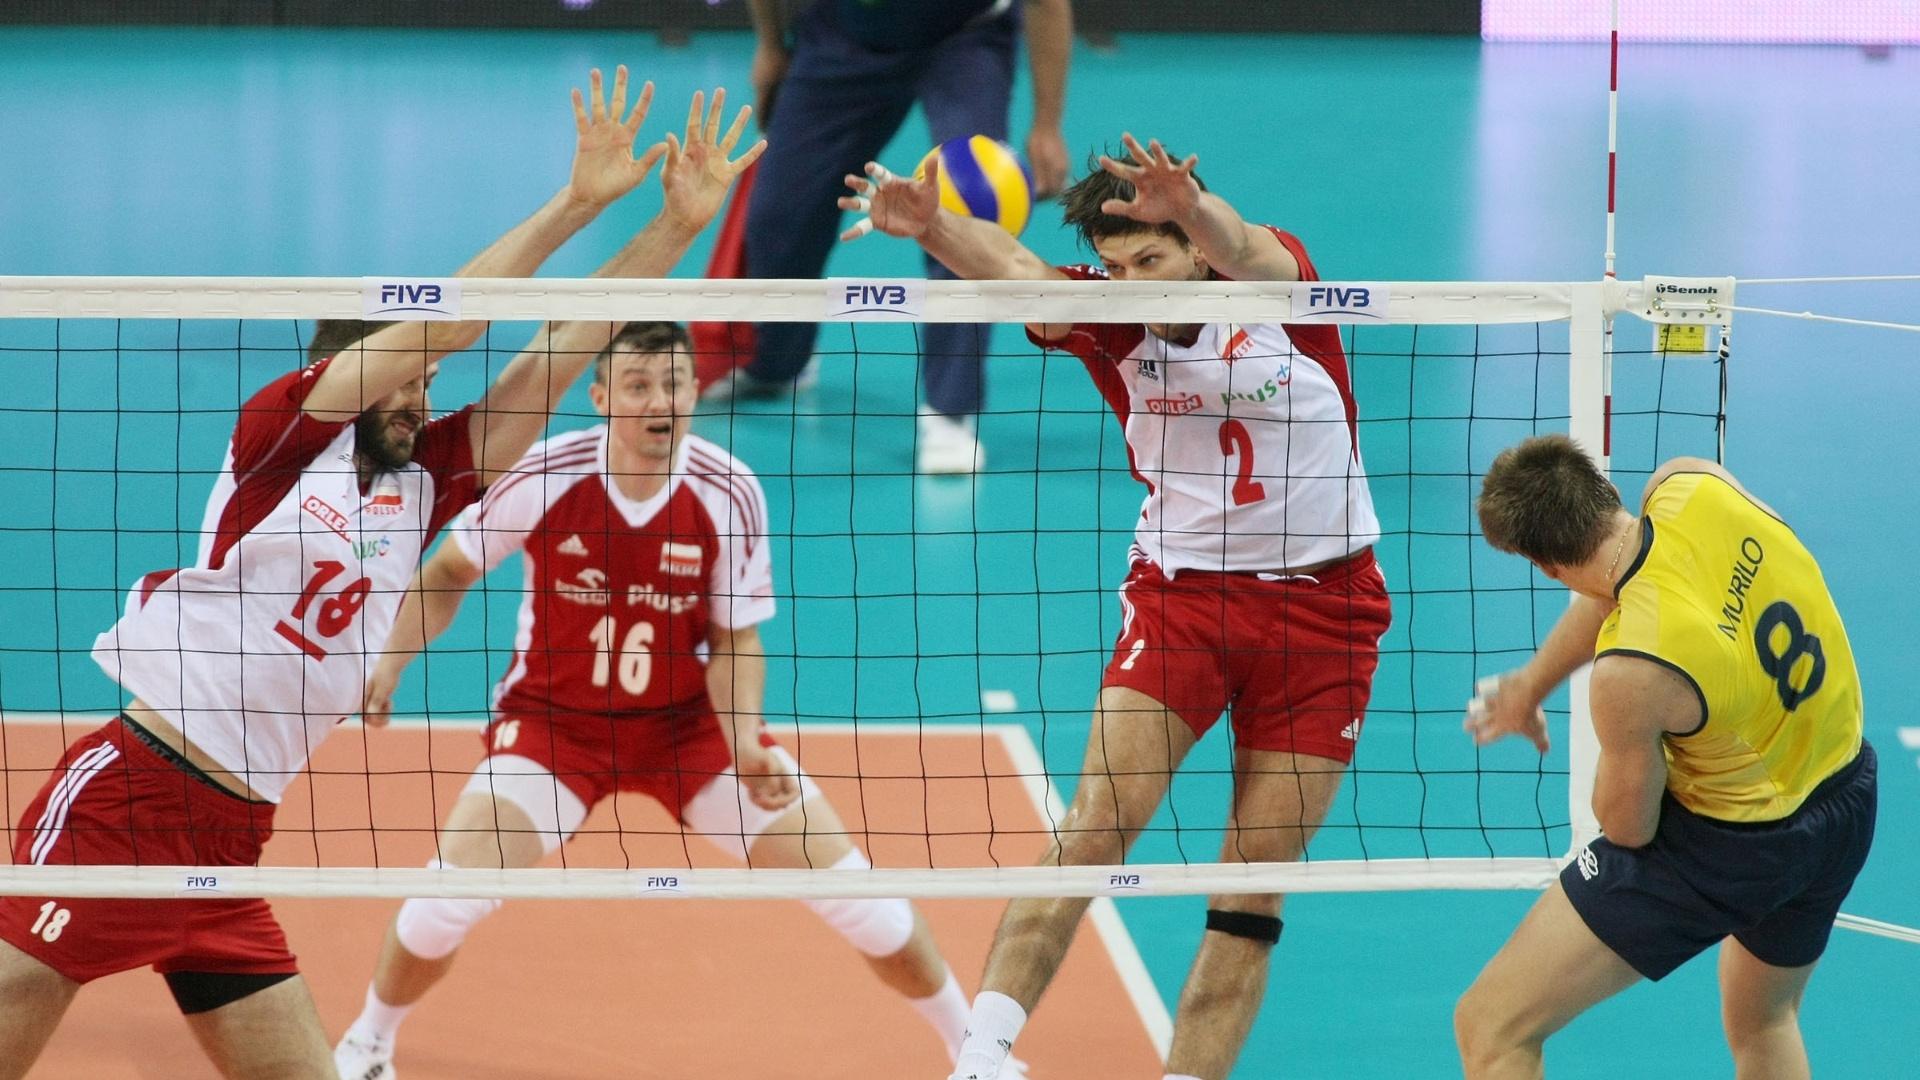 Murilo vem pela saída de rede e encara o bloqueio duplo da Polônia em lance do jogo desta quinta-feira pela Liga Mundial 2012 (05/07/2012)